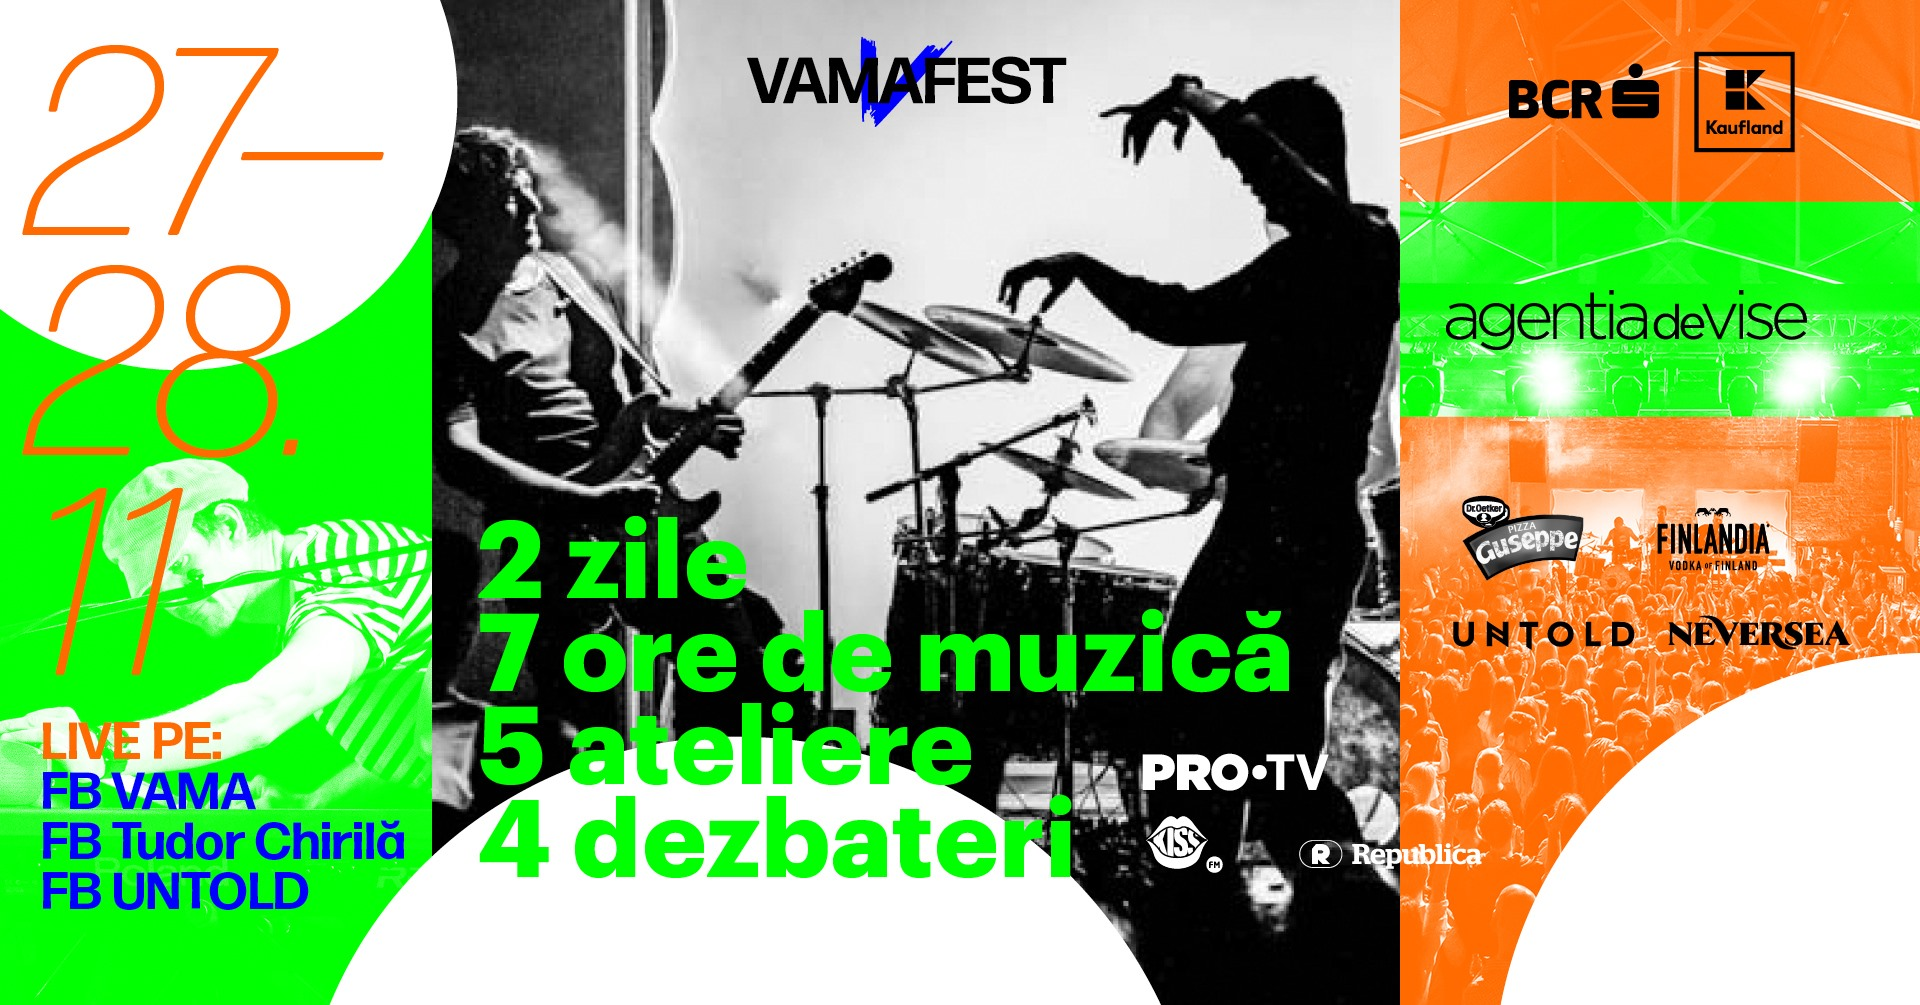 vamafest divertisment festival digital